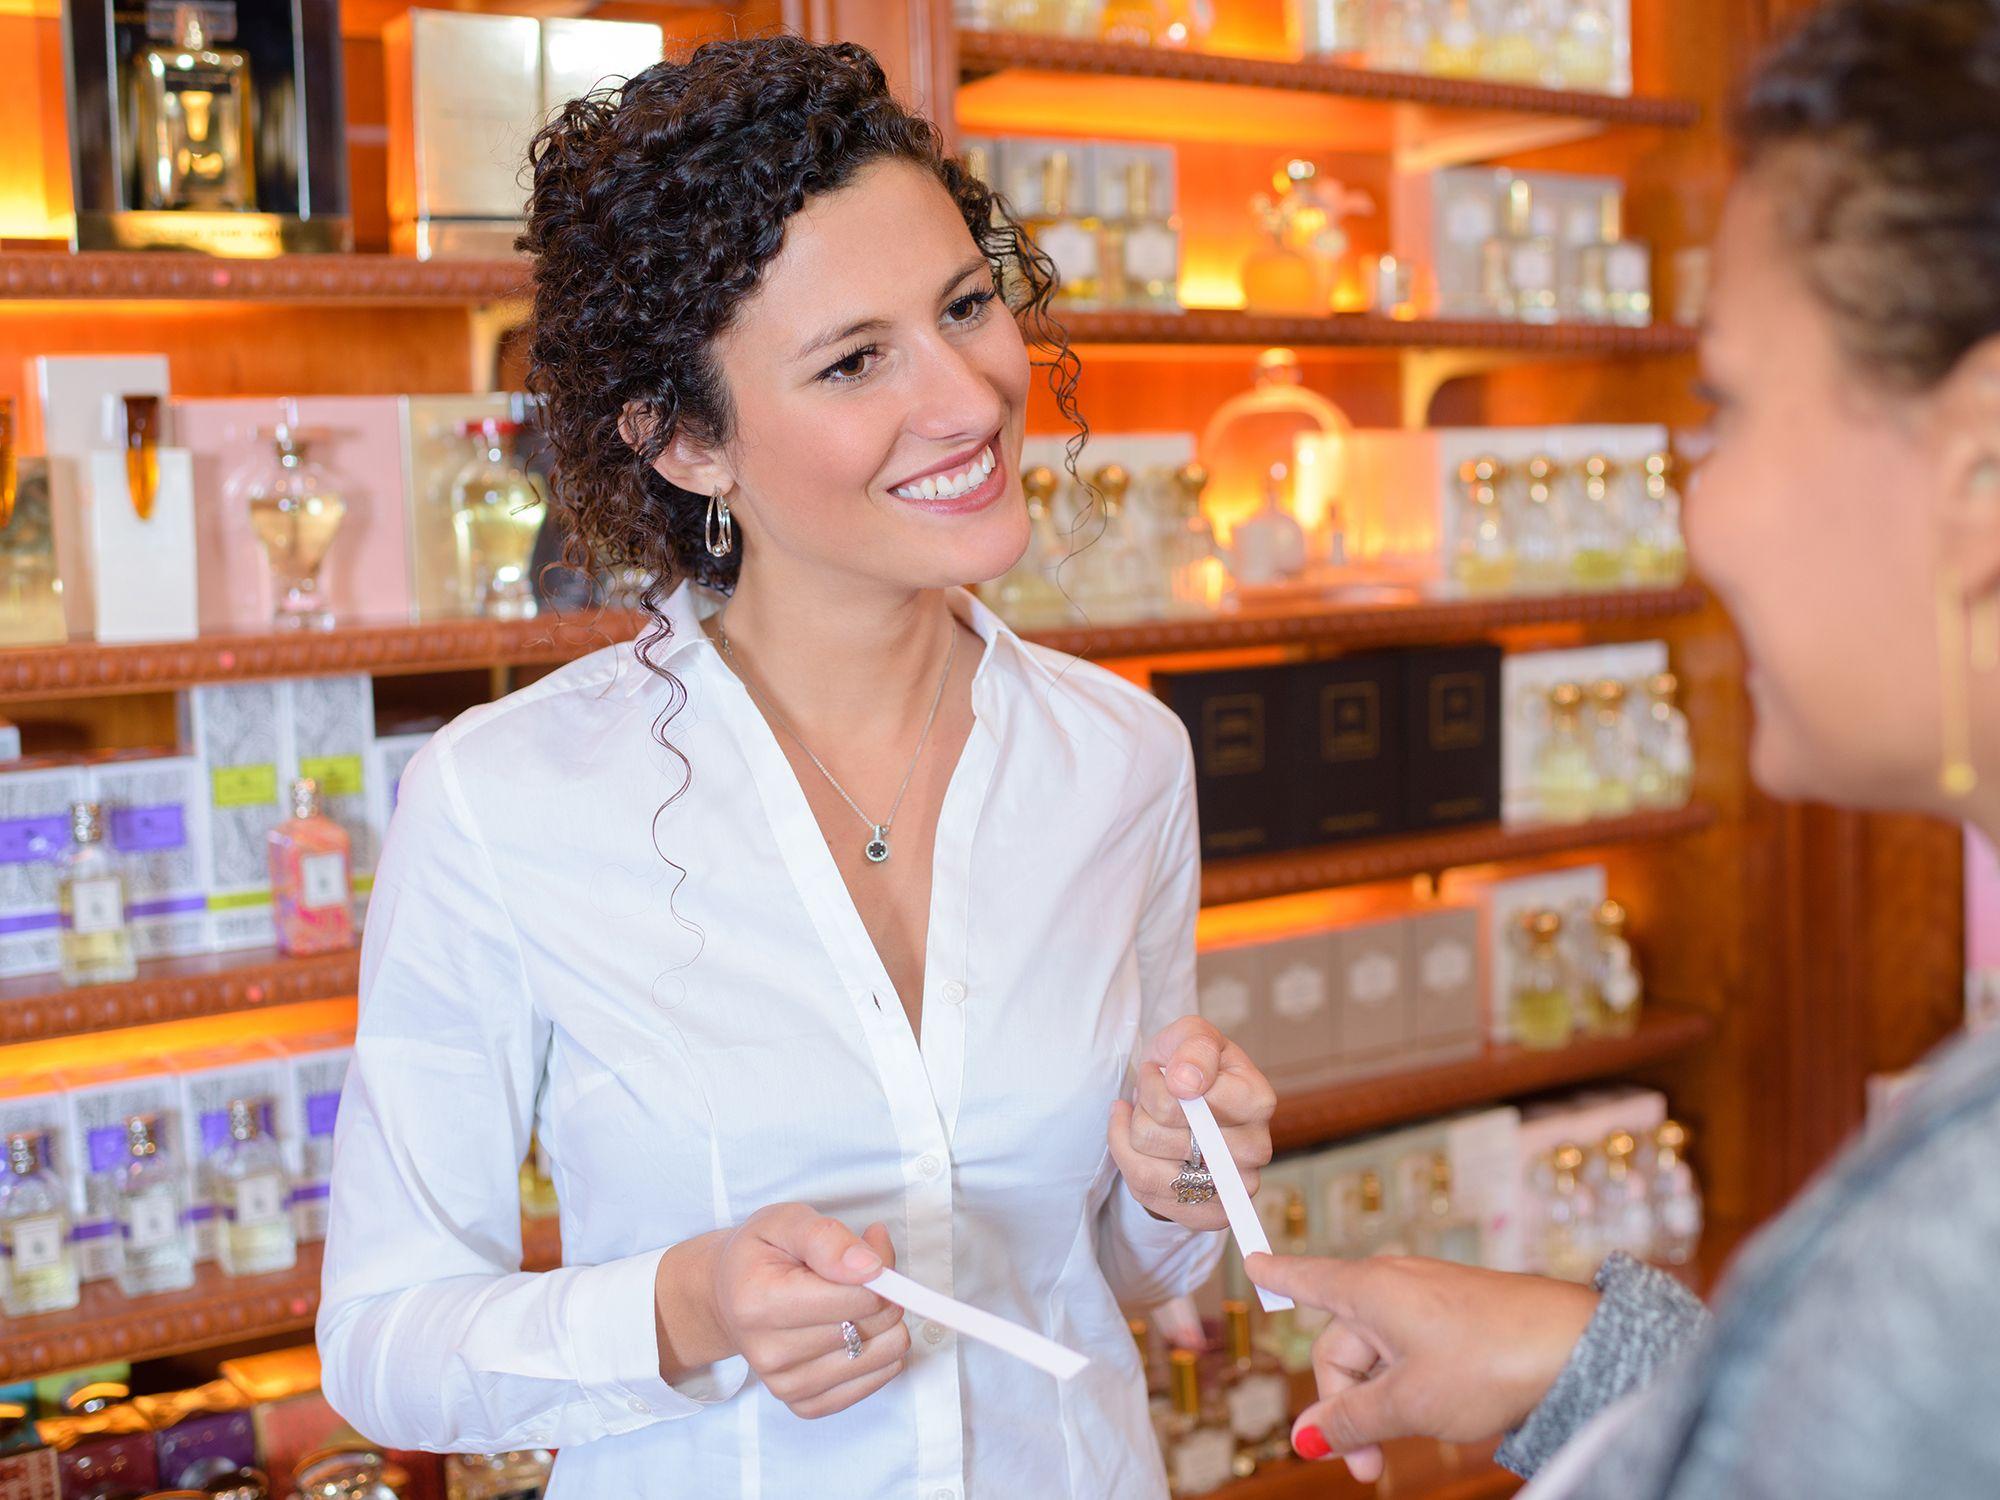 Level 5 - Verkäufer wie Verkaufsprofis, Verkaufstalente, Textilverkäufer, Bäckereiverkäufer, Elektronikverkäufer, Fachverkäufer, Verkaufsberater, Verkaufsmanager, Verkauf Aushilfen, Vertriebsprofis, Verkaufsexperten, Verkaufsmitarbeiter, Vertriebler, Verkaufspersonal, Vertriebspersonal und Servicepersonal wie Dekorateure, Inventurhelfer, Kassenmitarbeiter, Lieferfahrer, Merchandiser, Mysteryshopper, Pop-up-Verkäufer, Rackjobber, Testkäufer, Verkaufsaushilfen, Warenverräumer, Verkaufsprofis, Verkaufstalente, Textilverkäufer, Bäckereiverkäufer, Elektronikverkäufer, Fachverkäufer, Verkaufsberater, Verkaufsmanager, Vertriebsprofis, Verkaufsexperten, Verkaufsmitarbeiter, Leiharbeiter, Zeitarbeiter, Leiharbeitnehmer, Leihkraft und Temporärarbeiter bei uns als Personalagentur, Zeitarbeitsfirma, Zeitarbeitsunternehmen, Personal-Service-Agentur, Personaldienstleistungsagentur und Leiharbeitsfirma per Arbeitnehmer-Leasing, Arbeitnehmerüberlassung, Arbeitskräfte-Leasing, Arbeitskräfteüberlassung, Arbeitskraftüberlassung, Leiharbeit, Mitarbeiter-Leasing, Mitarbeiterleasing, Mitarbeiterüberlassung, Personaldienstleistung, Personalleasing, Personalüberlassung, Temporärarbeit, Zeitarbeit für den Einzelhandel, Kundenservice, Kundenbetreuung, Kundenbindung, Außenhandel, Außendienst, Vertrieb, Direktvertrieb, Vertriebsberatung, Verkaufsförderung, Absatzförderung, Verkaufsinnendienst, Verkaufsabteilung und Großhandel zwecks direkter Personalvermittlung oder Zeitarbeit per Arbeitnehmerüberlassung und Personalüberlassung für den Einzelhandel, Kundenservice, Kundenbetreuung, Kundenbindung, Außenhandel, Außendienst, Vertrieb, Direktvertrieb, Vertriebsberatung, Verkaufsförderung, Absatzförderung, Verkaufsinnendienst, Verkaufsabteilung und Großhandel buchen, mieten, leihen oder langfristig neue Mitarbeiter für Jobs wie Schülerjobs, Verkaufsjobs, Ferienjobs, Aushilfsjobs, Studentenjobs, Werkstudentenjobs, Saisonjobs, Vollzeit Jobs, Teilzeit Jobs, Nebenjobs, Temporär Jobs, Gelegenheitsjobs pe